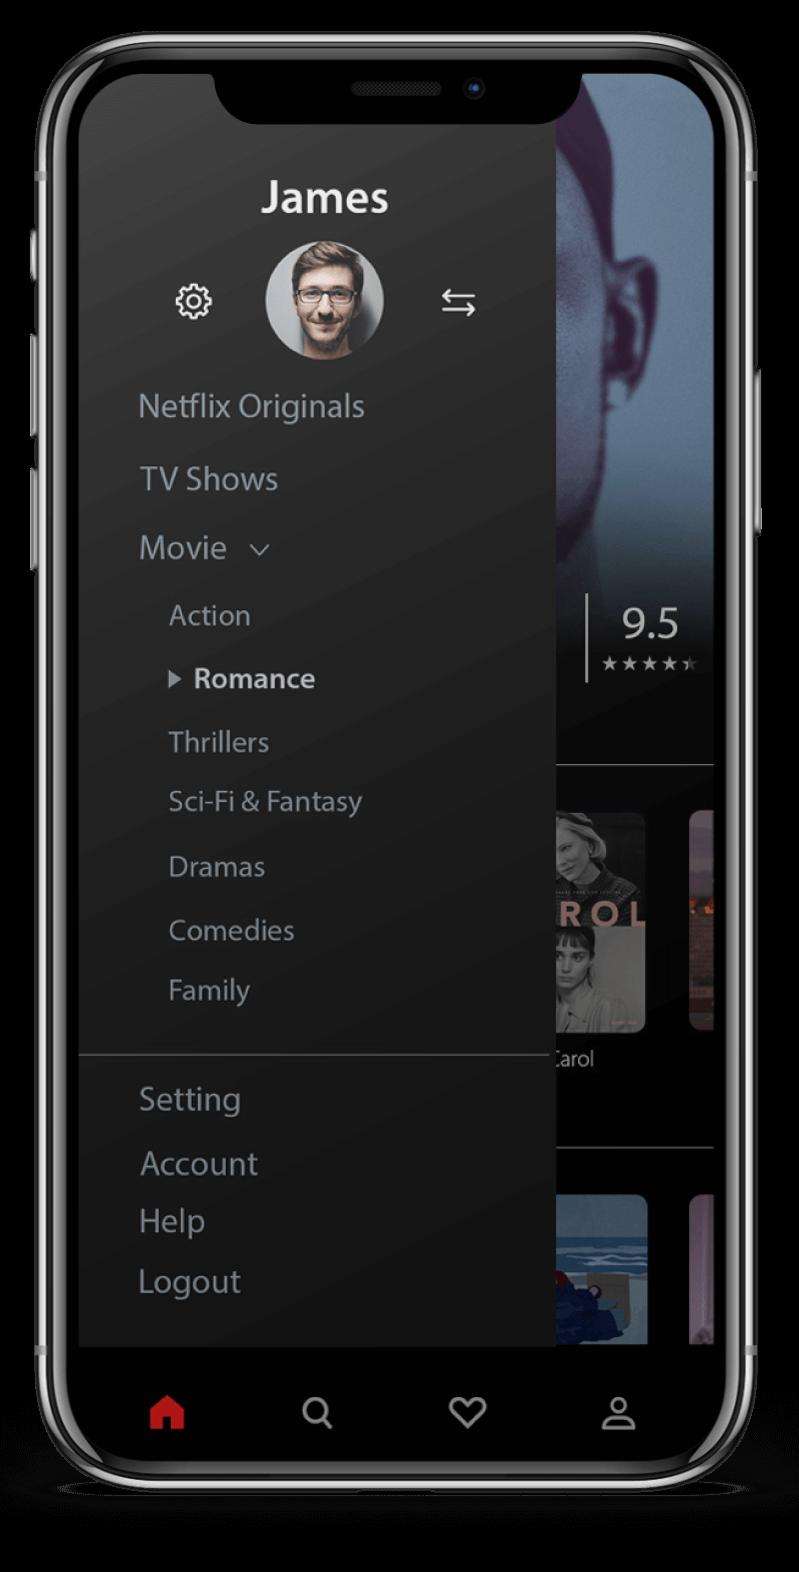 Netflix Clone App Features